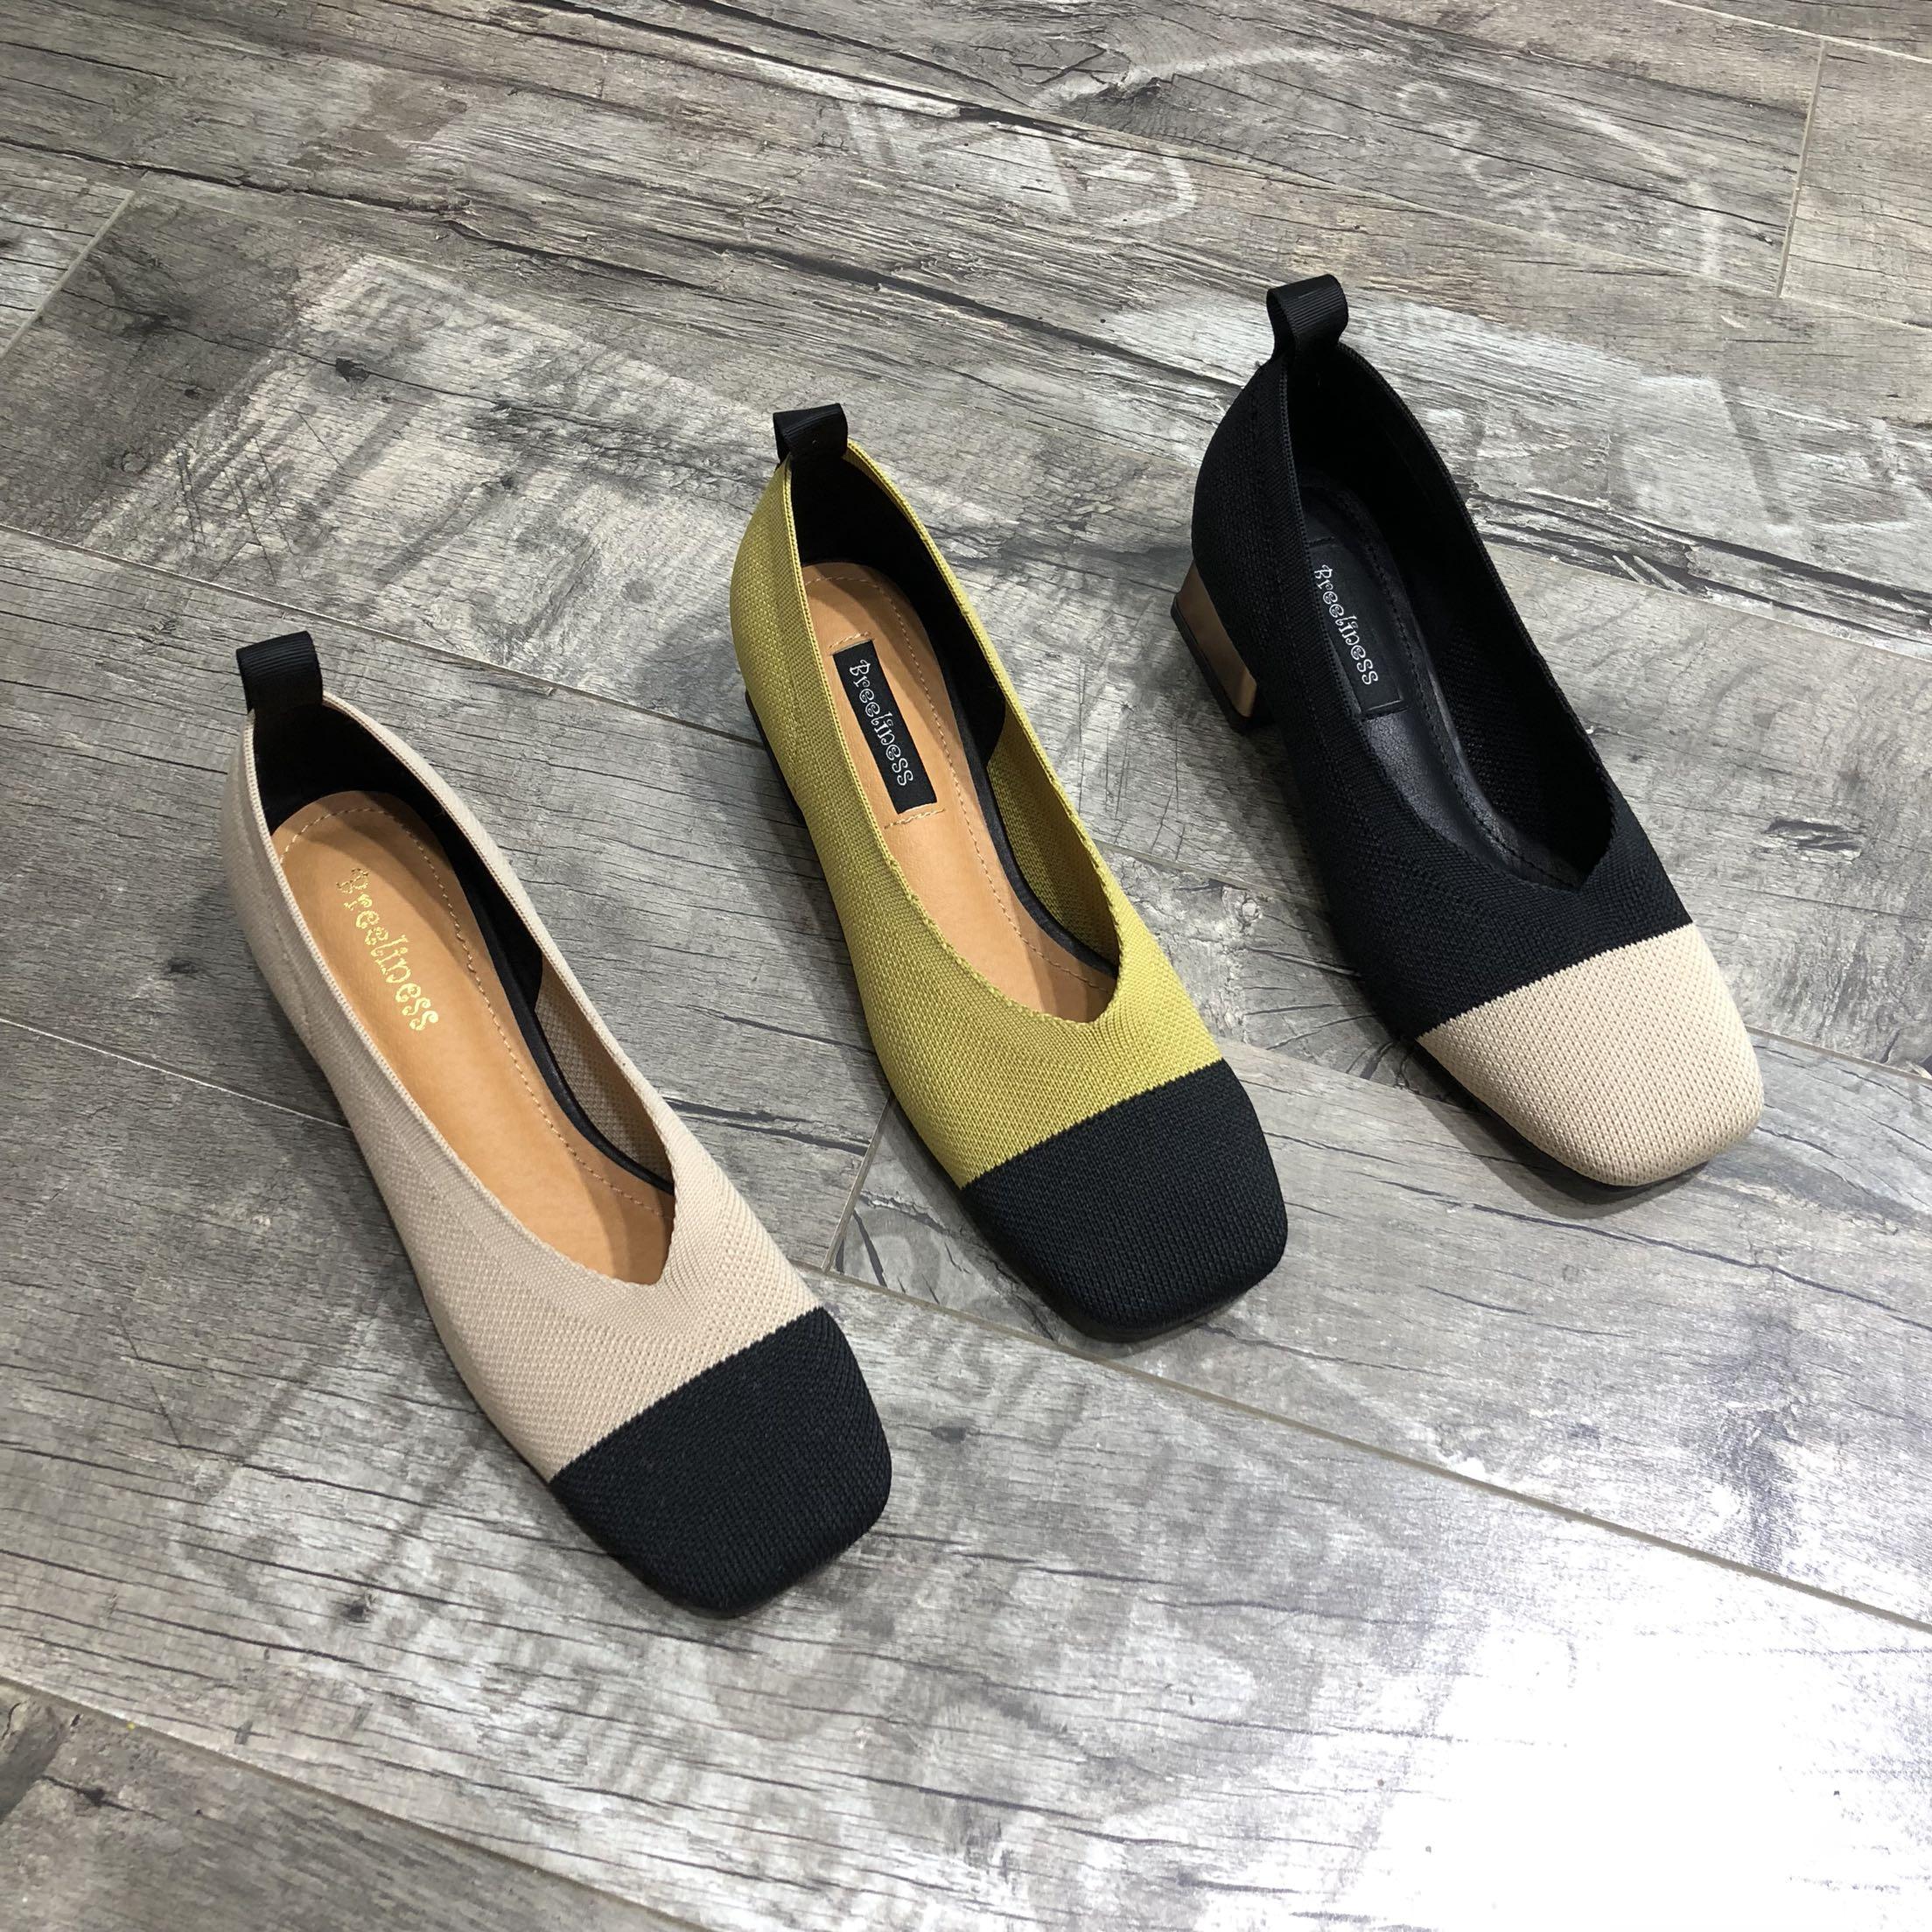 奶奶鞋2018秋季新款复古方头舒适粗跟高跟鞋针织拼色时尚单鞋